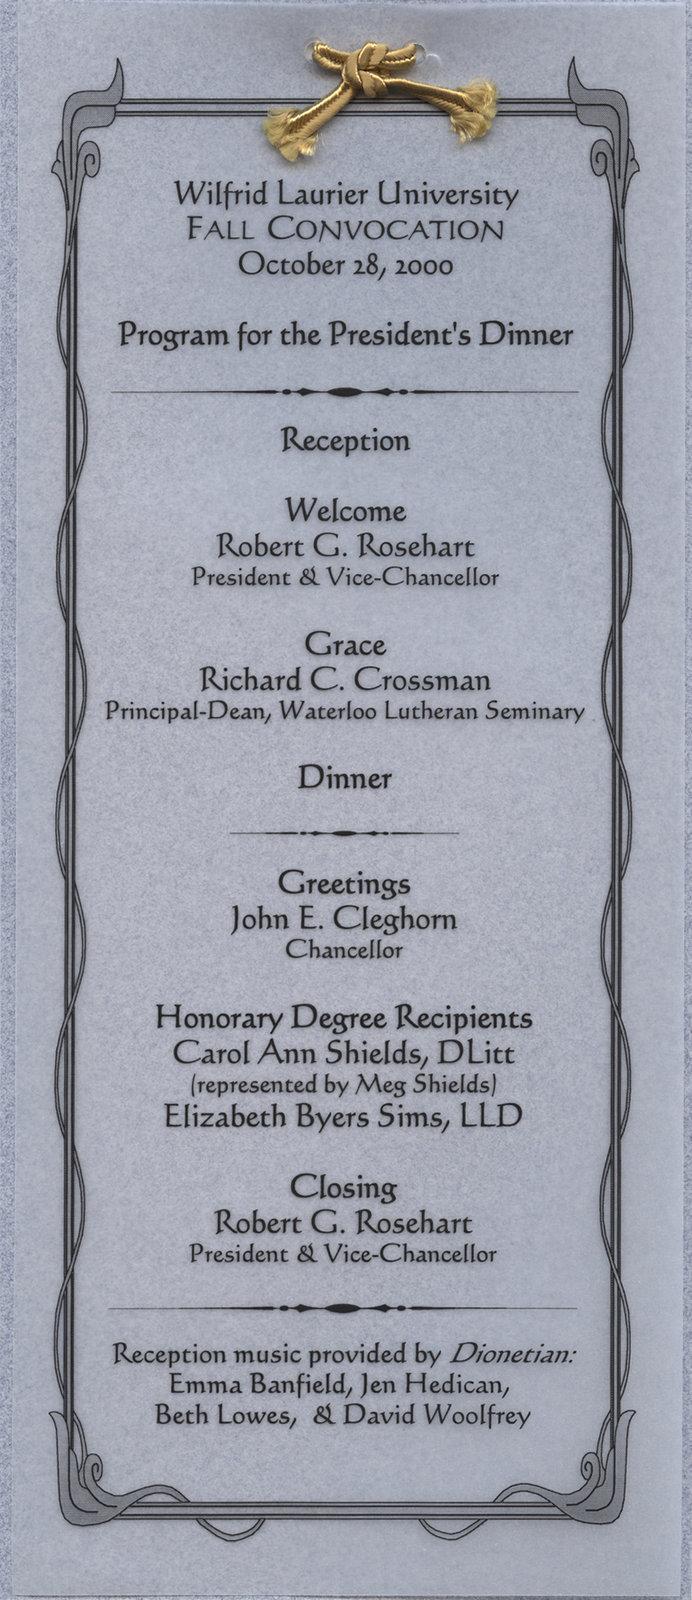 Wilfrid Laurier University 2000 fall convocation President's Dinner program